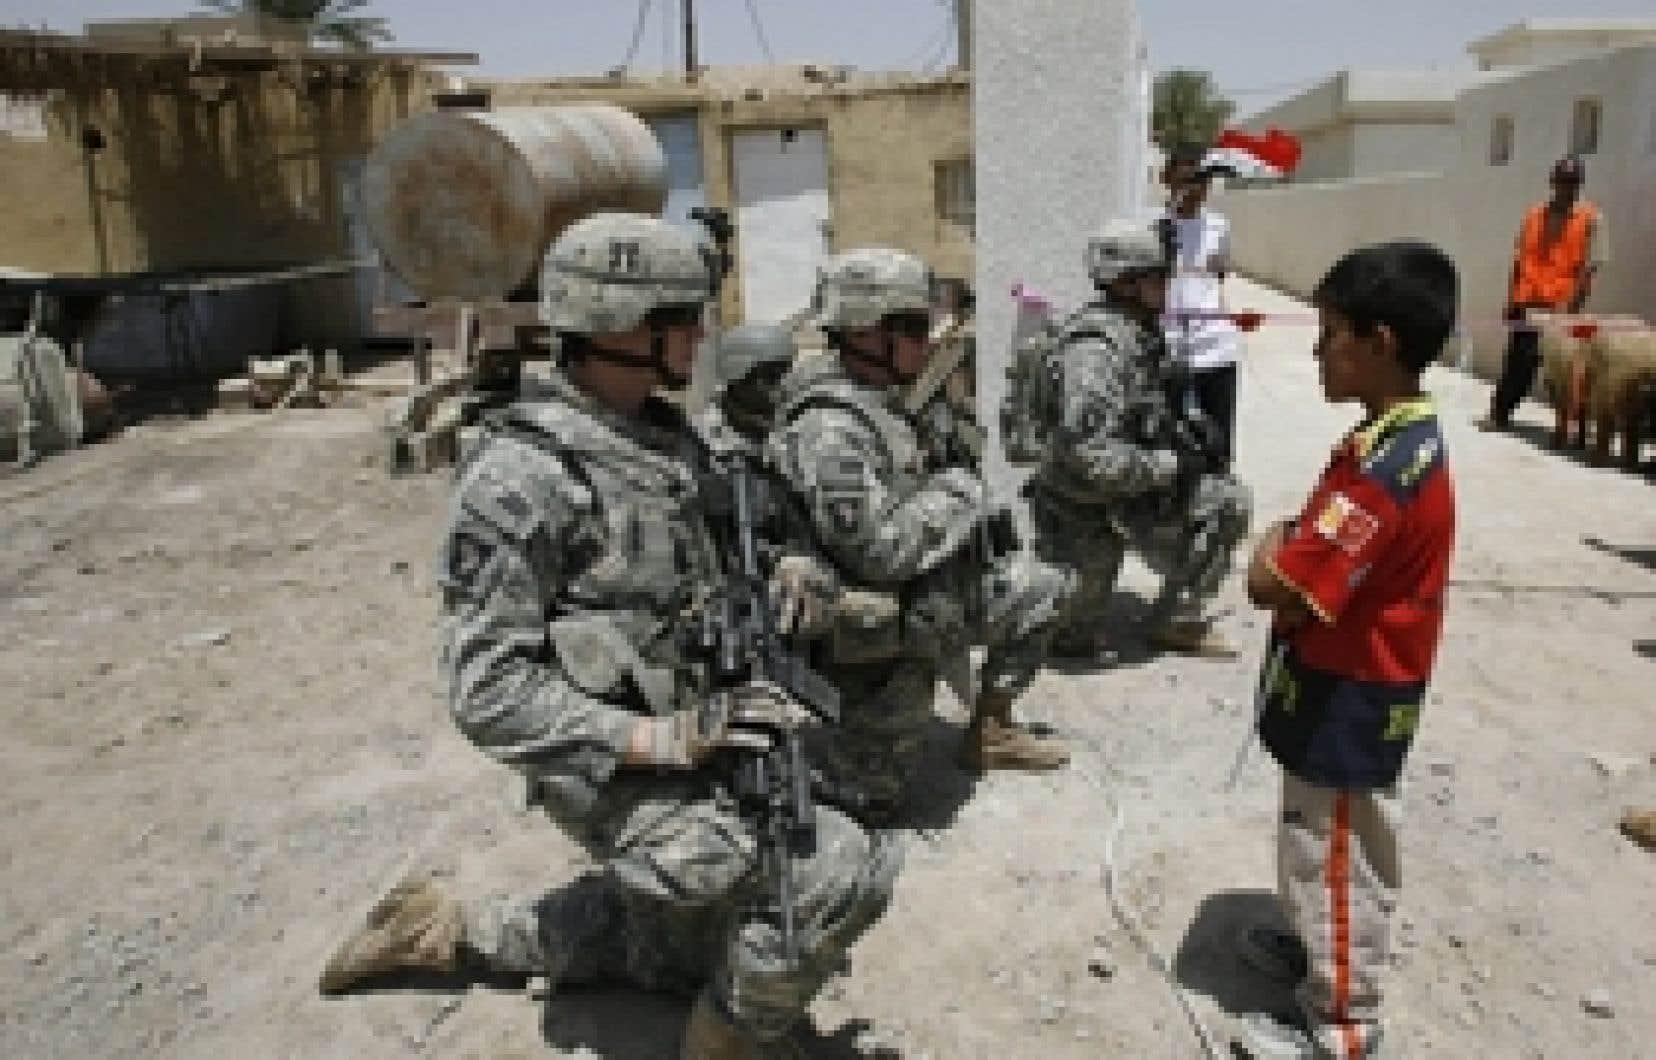 Des soldats américains en mission dans un village irakien le 20 mai dernier. On estime à au moins 225 le nombre de militaires américains qui se sont réfugiés au Canada pour ne pas servir en Irak.